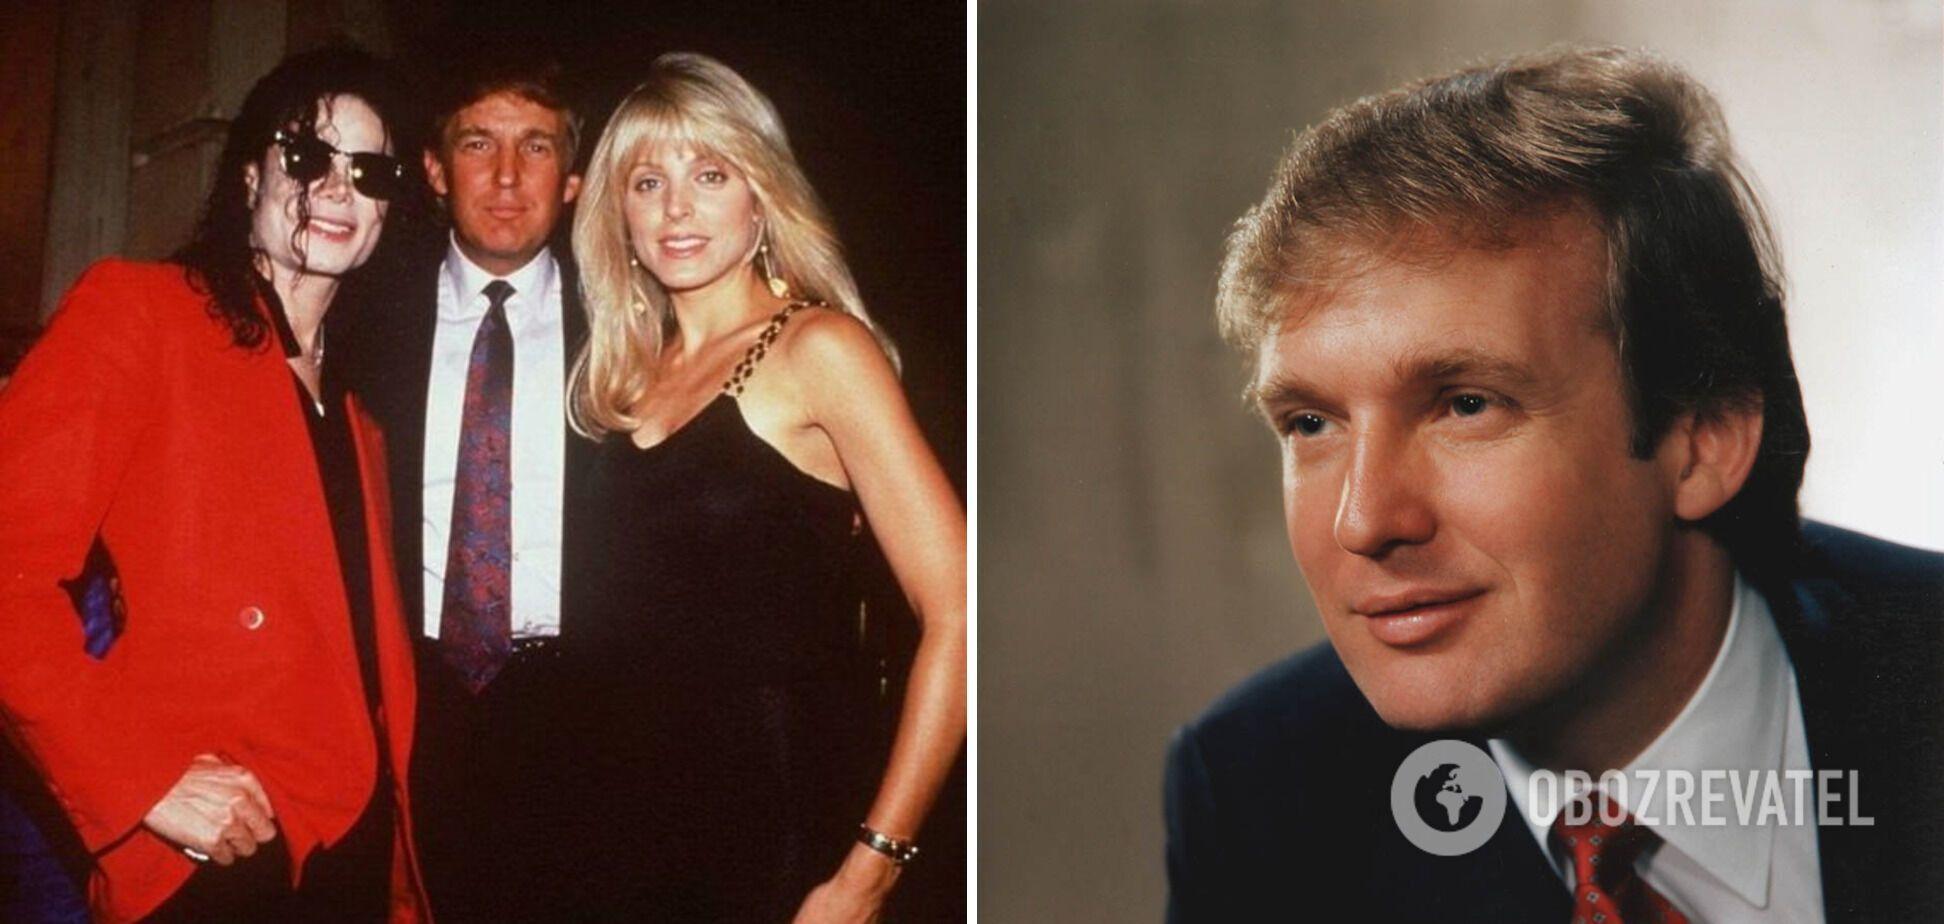 Трамп почав бізнес з компанії батька, де займався арендою будинків.